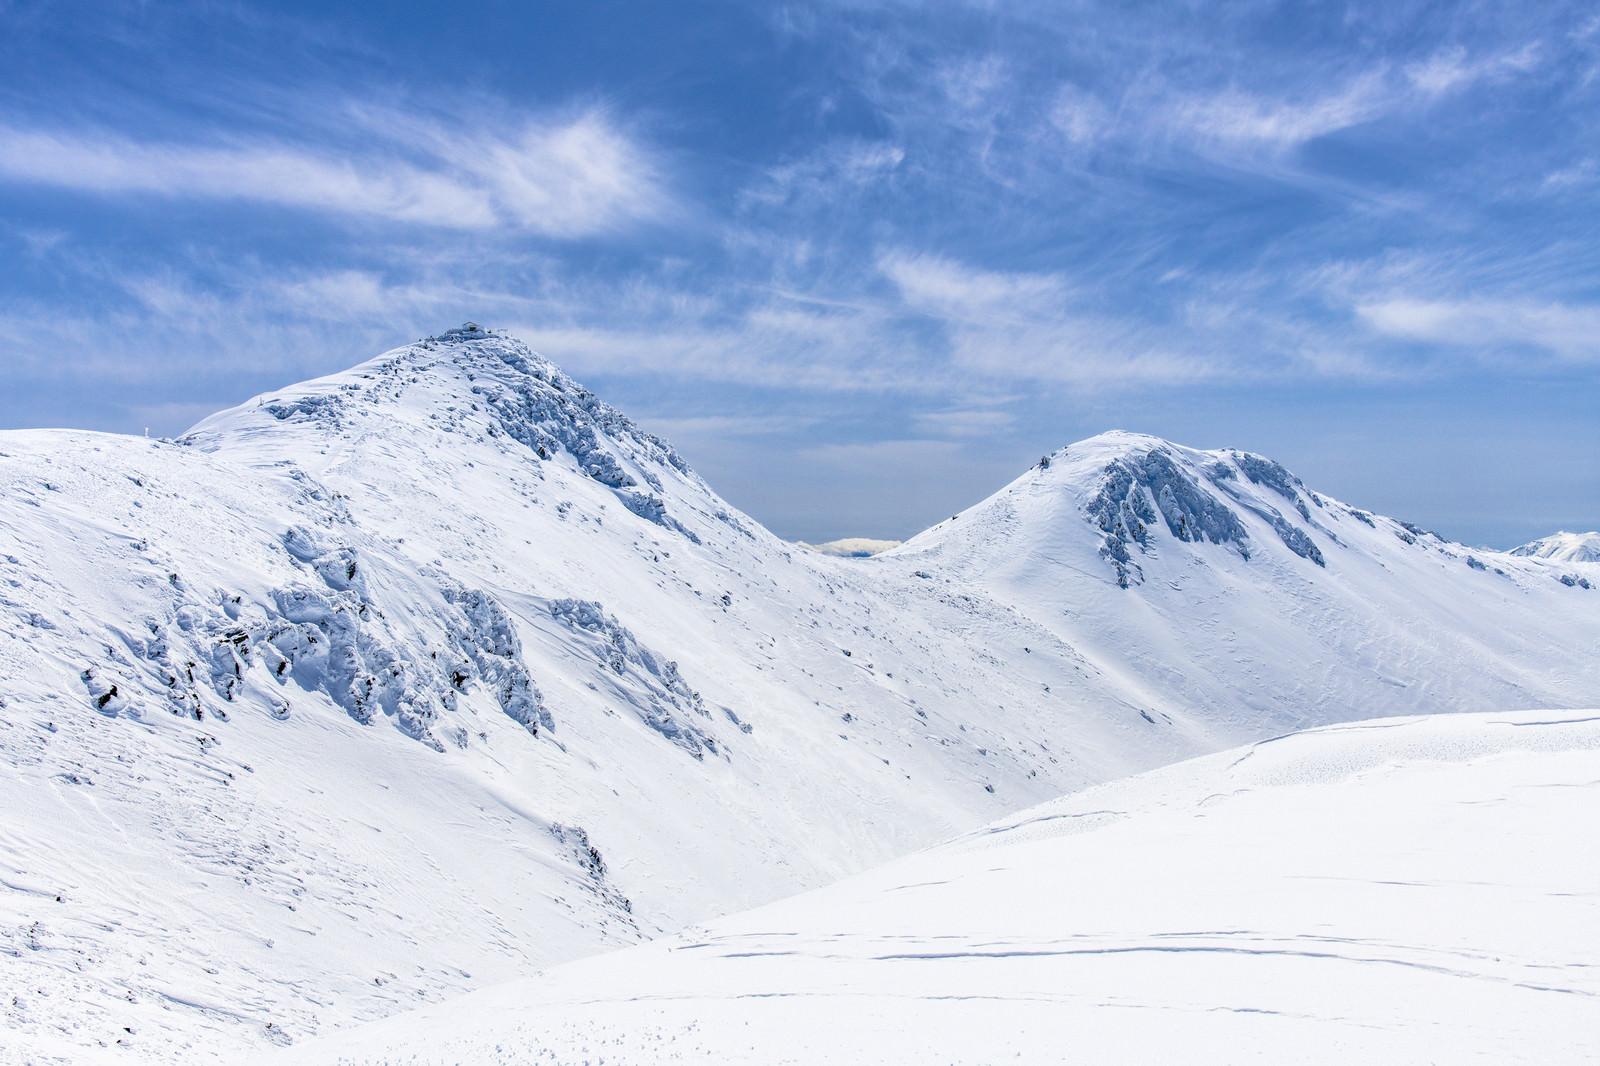 「真冬の乗鞍岳稜線を歩く」の写真